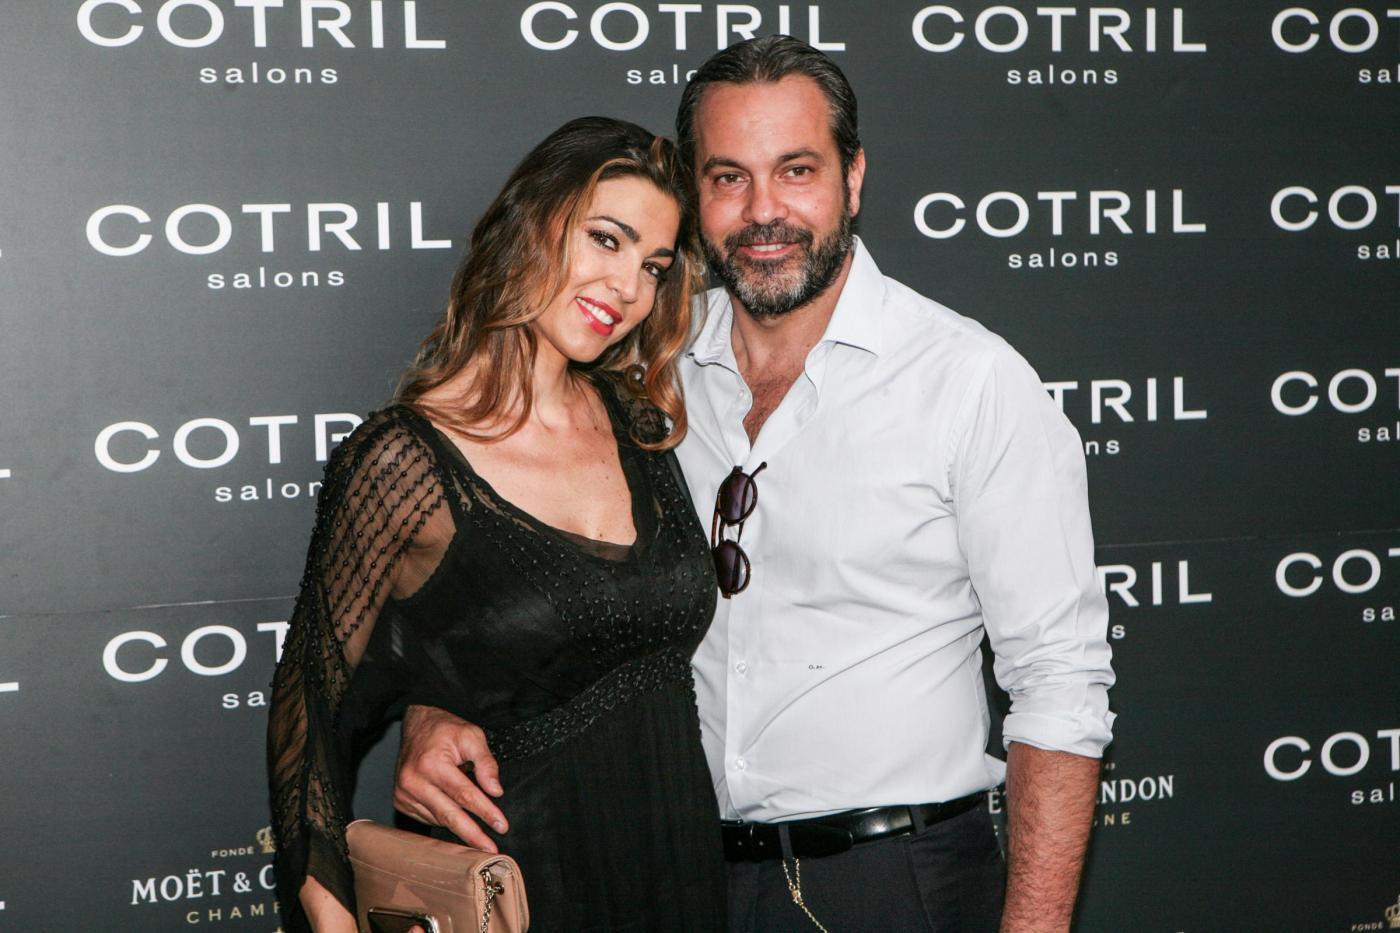 Inaugurazione salone di bellezza Cotril a Milano